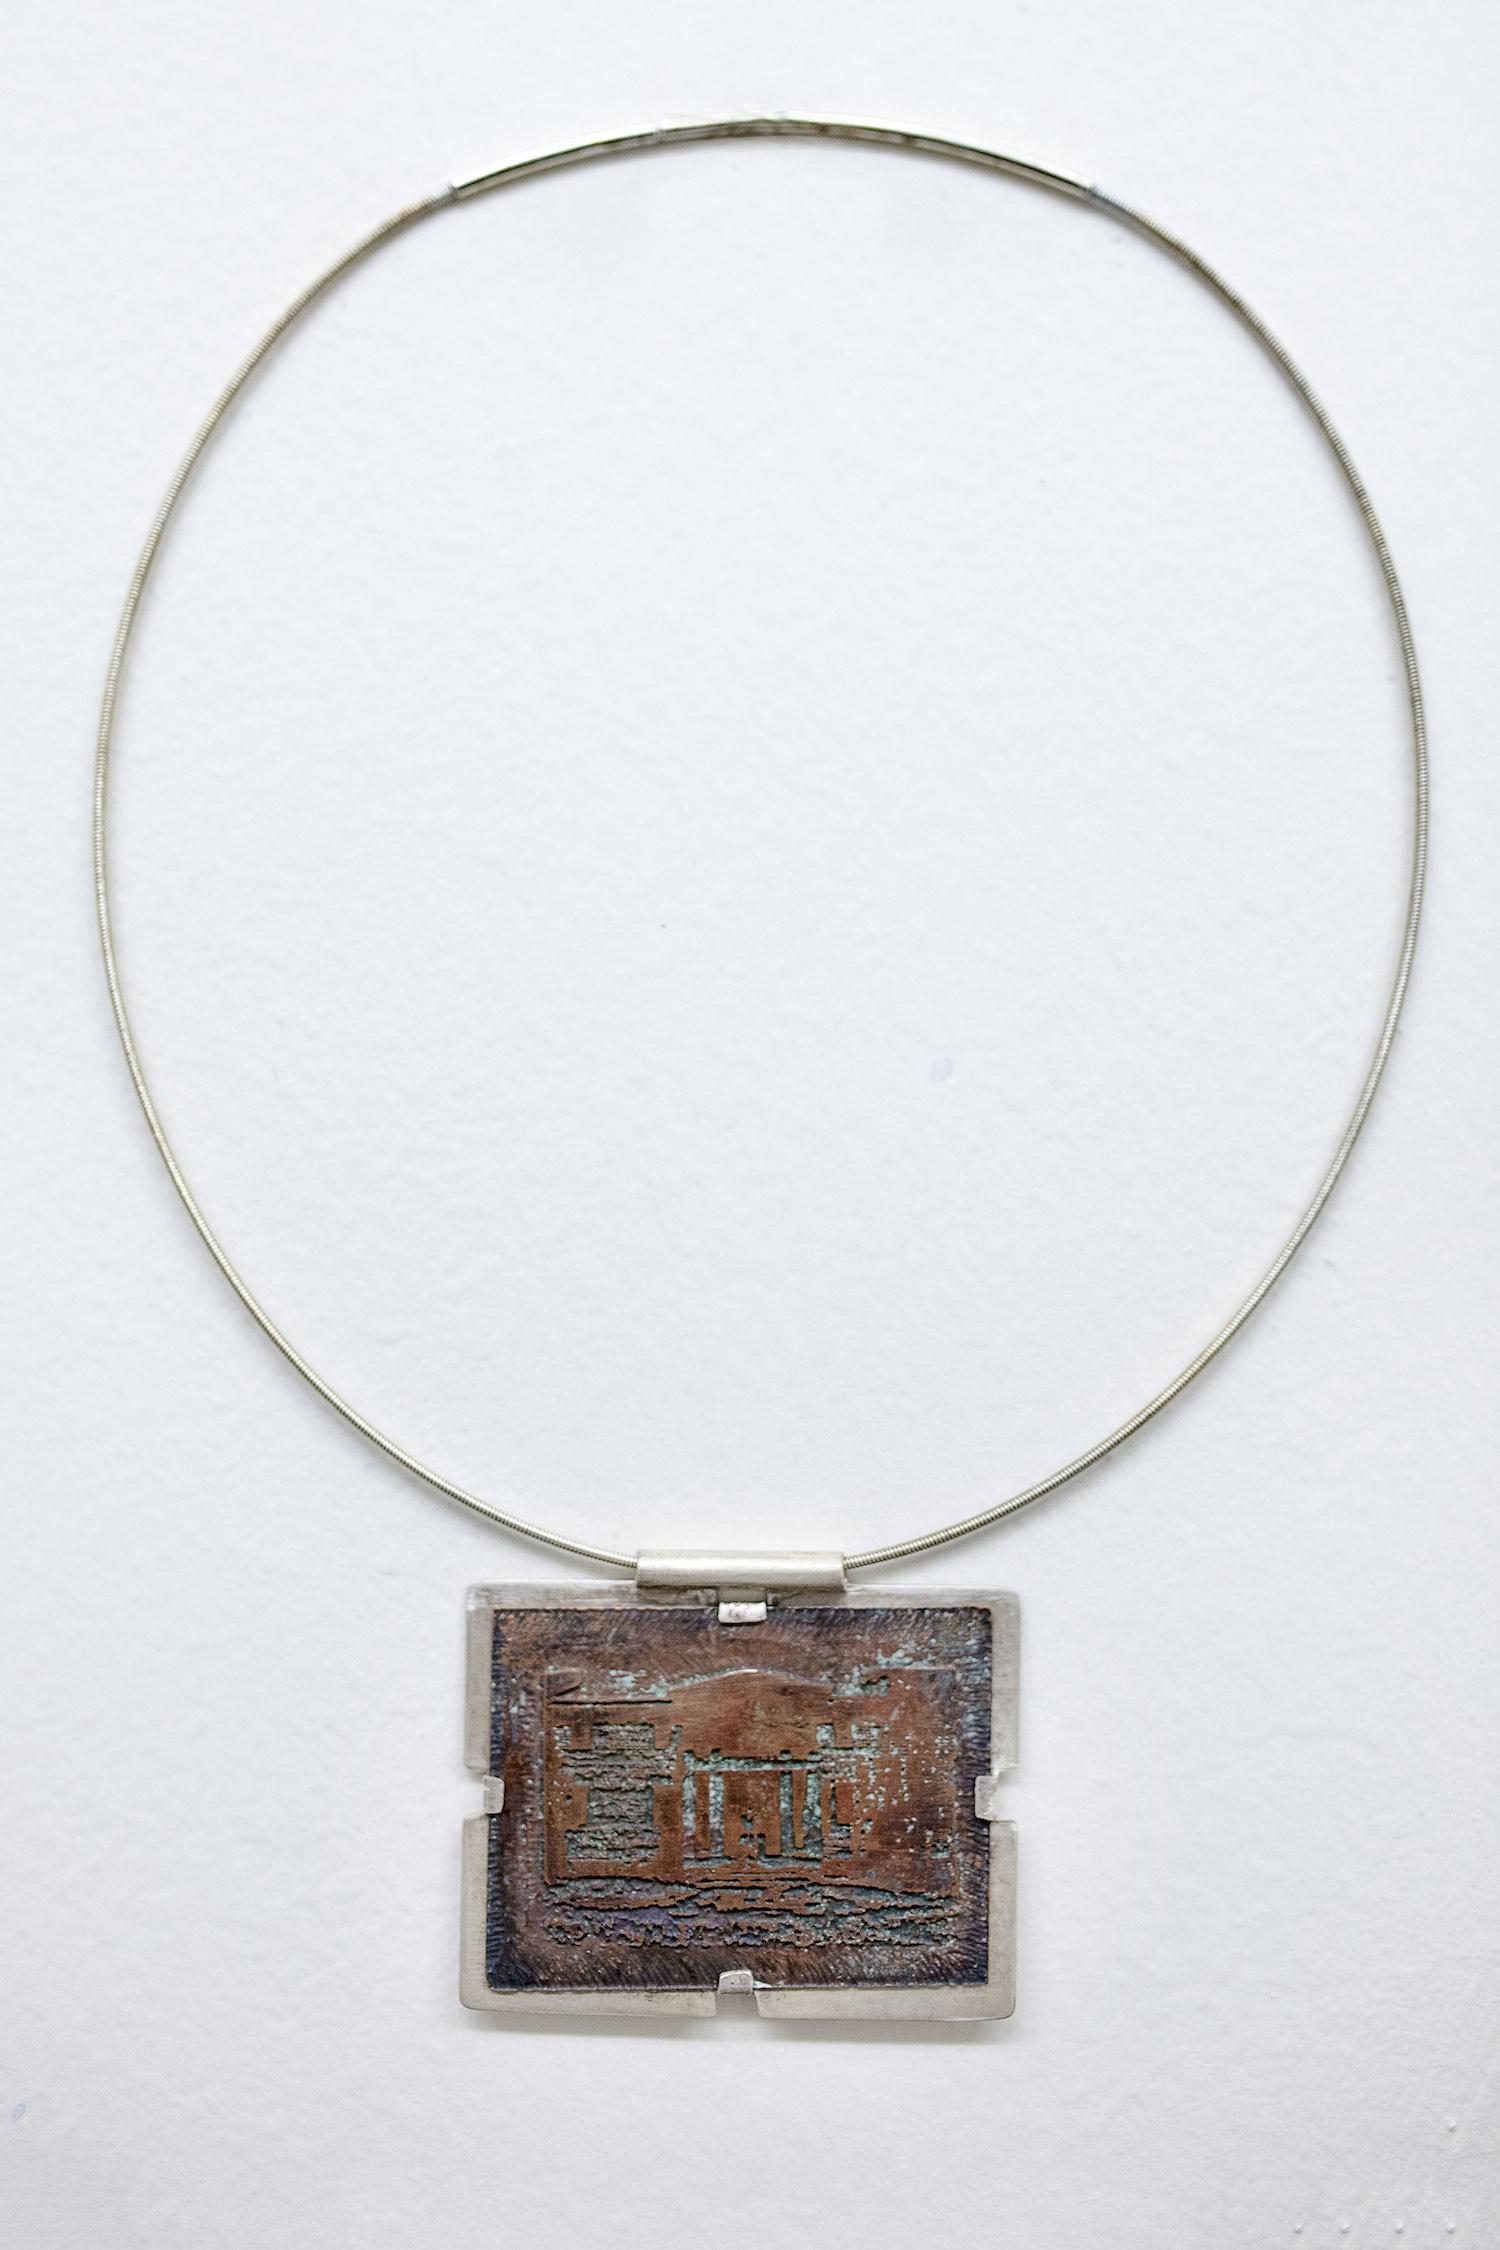 Millstone - Nell Gottlieb